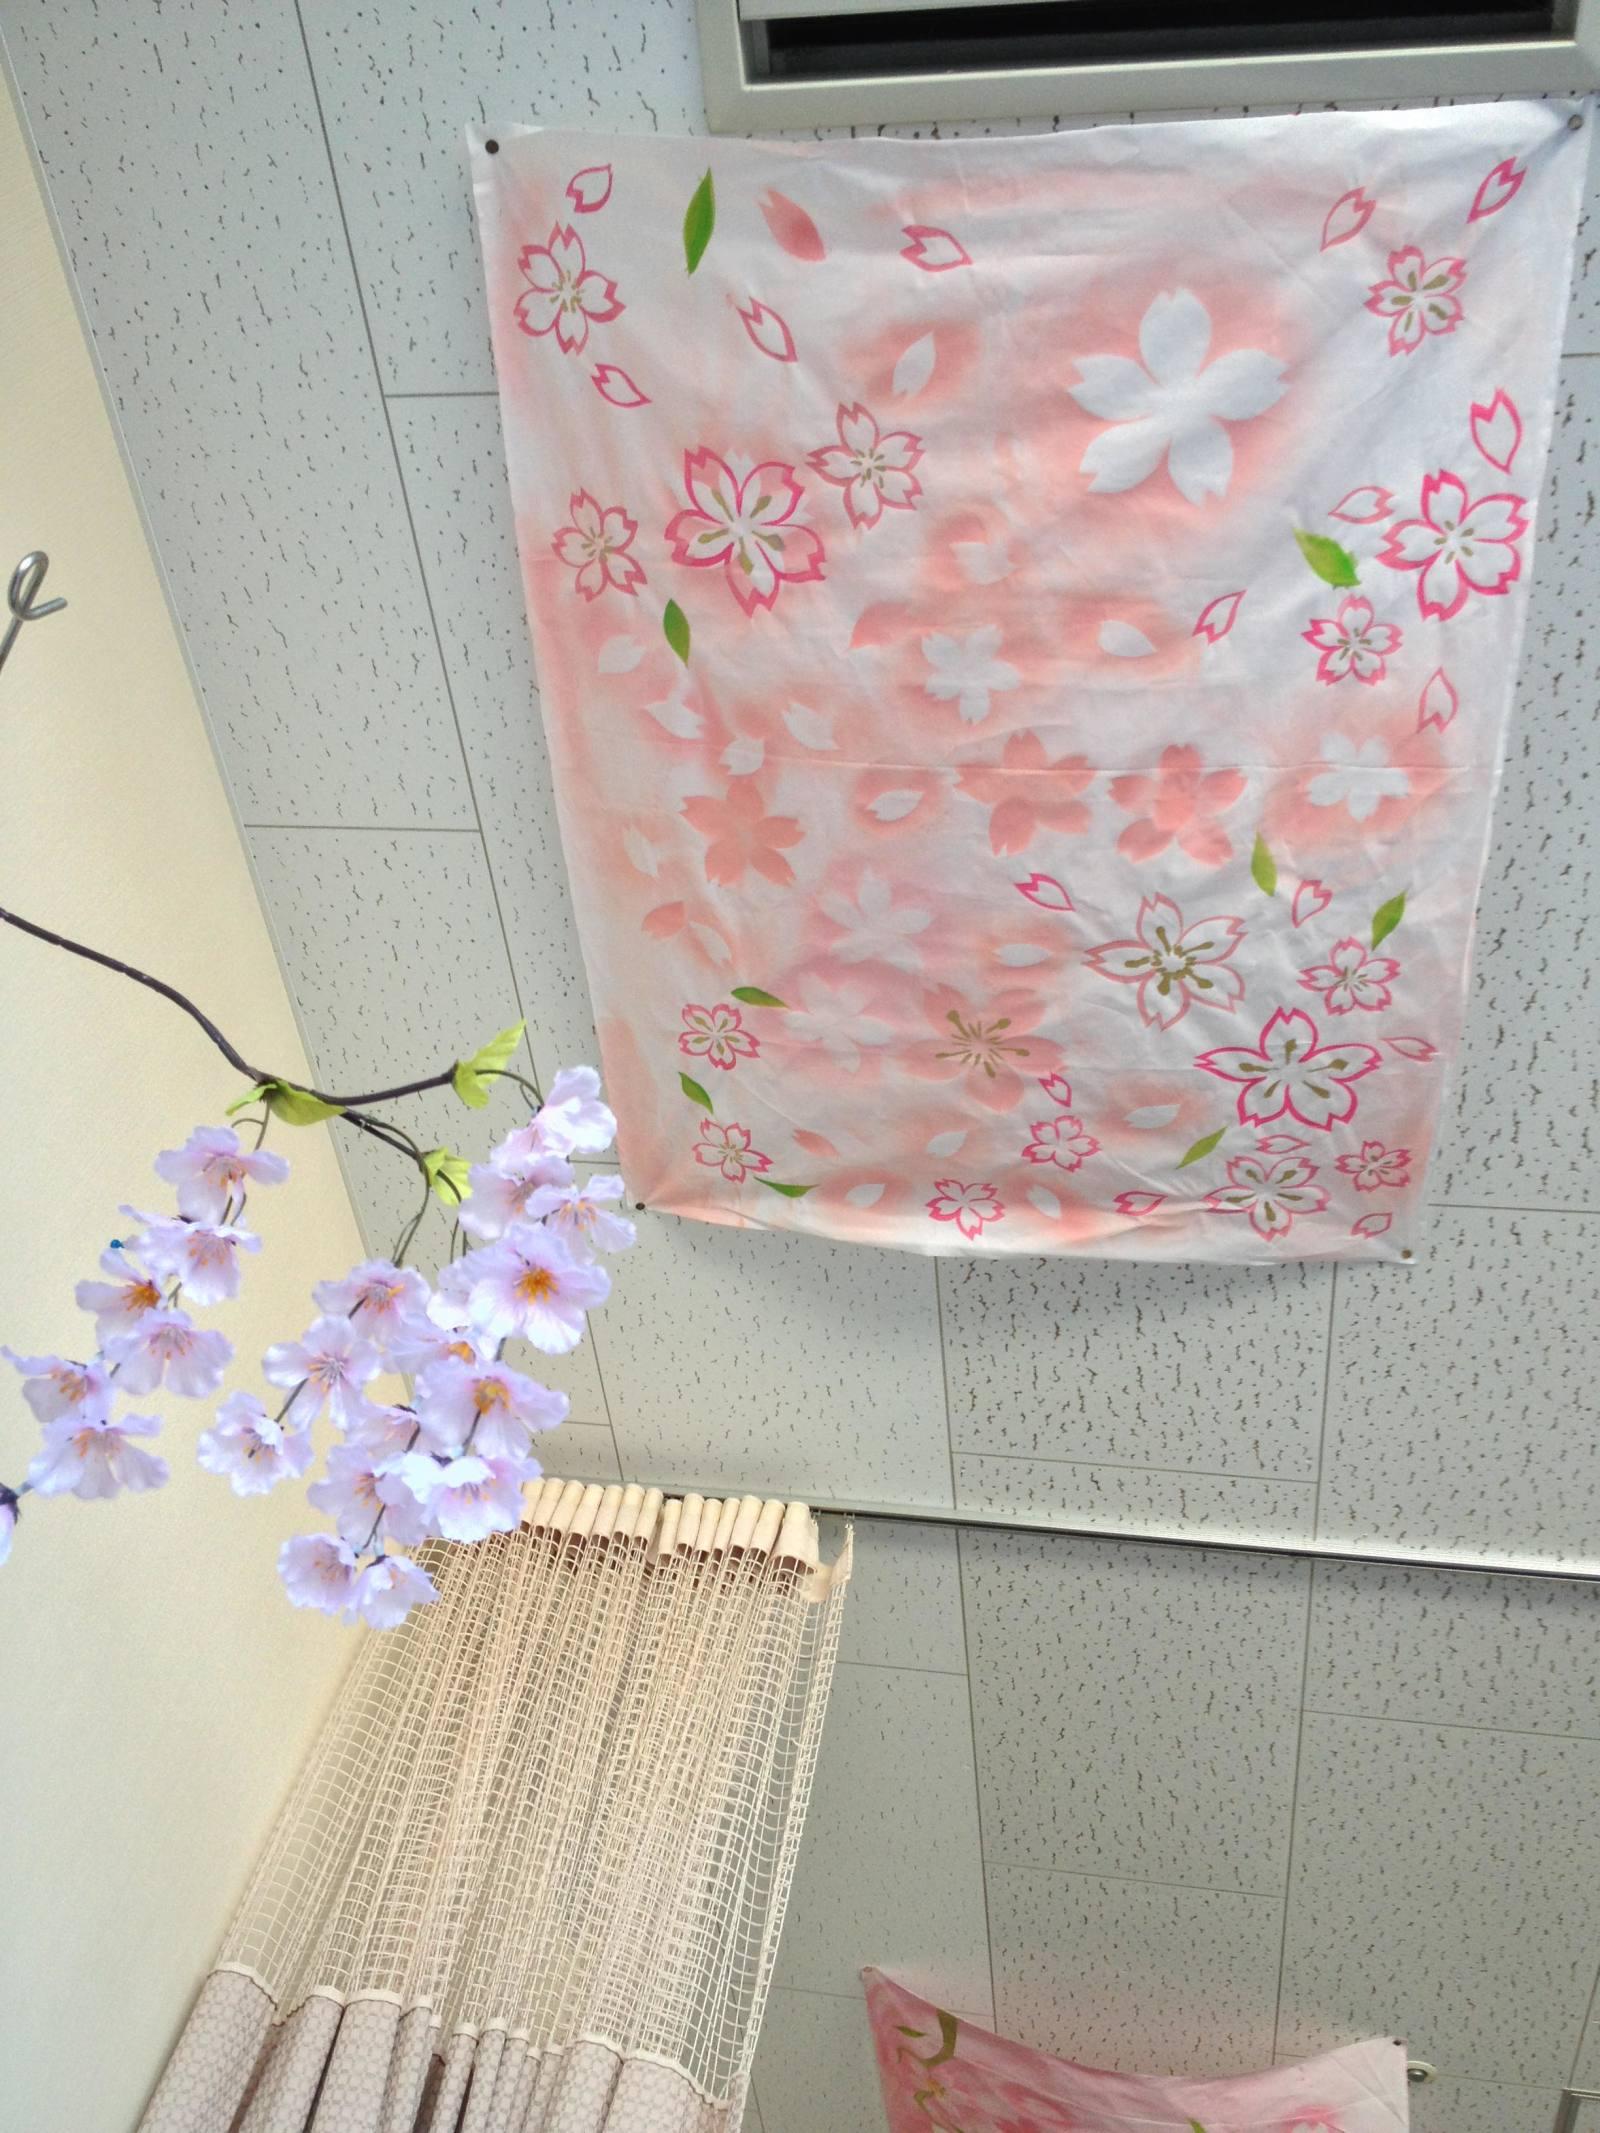 介護施設の天井に桜の絵を描いた写真